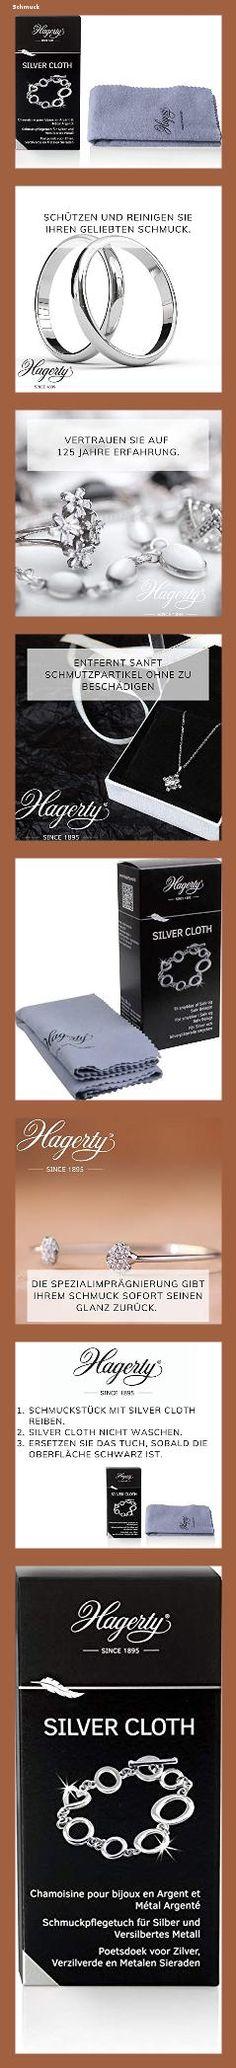 Hagerty Silver Cloth Schmuck Reinigungstuch 36x30cm I imprägniertes Tuch aus Baumwolle I effektives Silberputztuch mit Anlaufschutz zur Reinigung von Silberschmuck und Versilbertem - 14fm